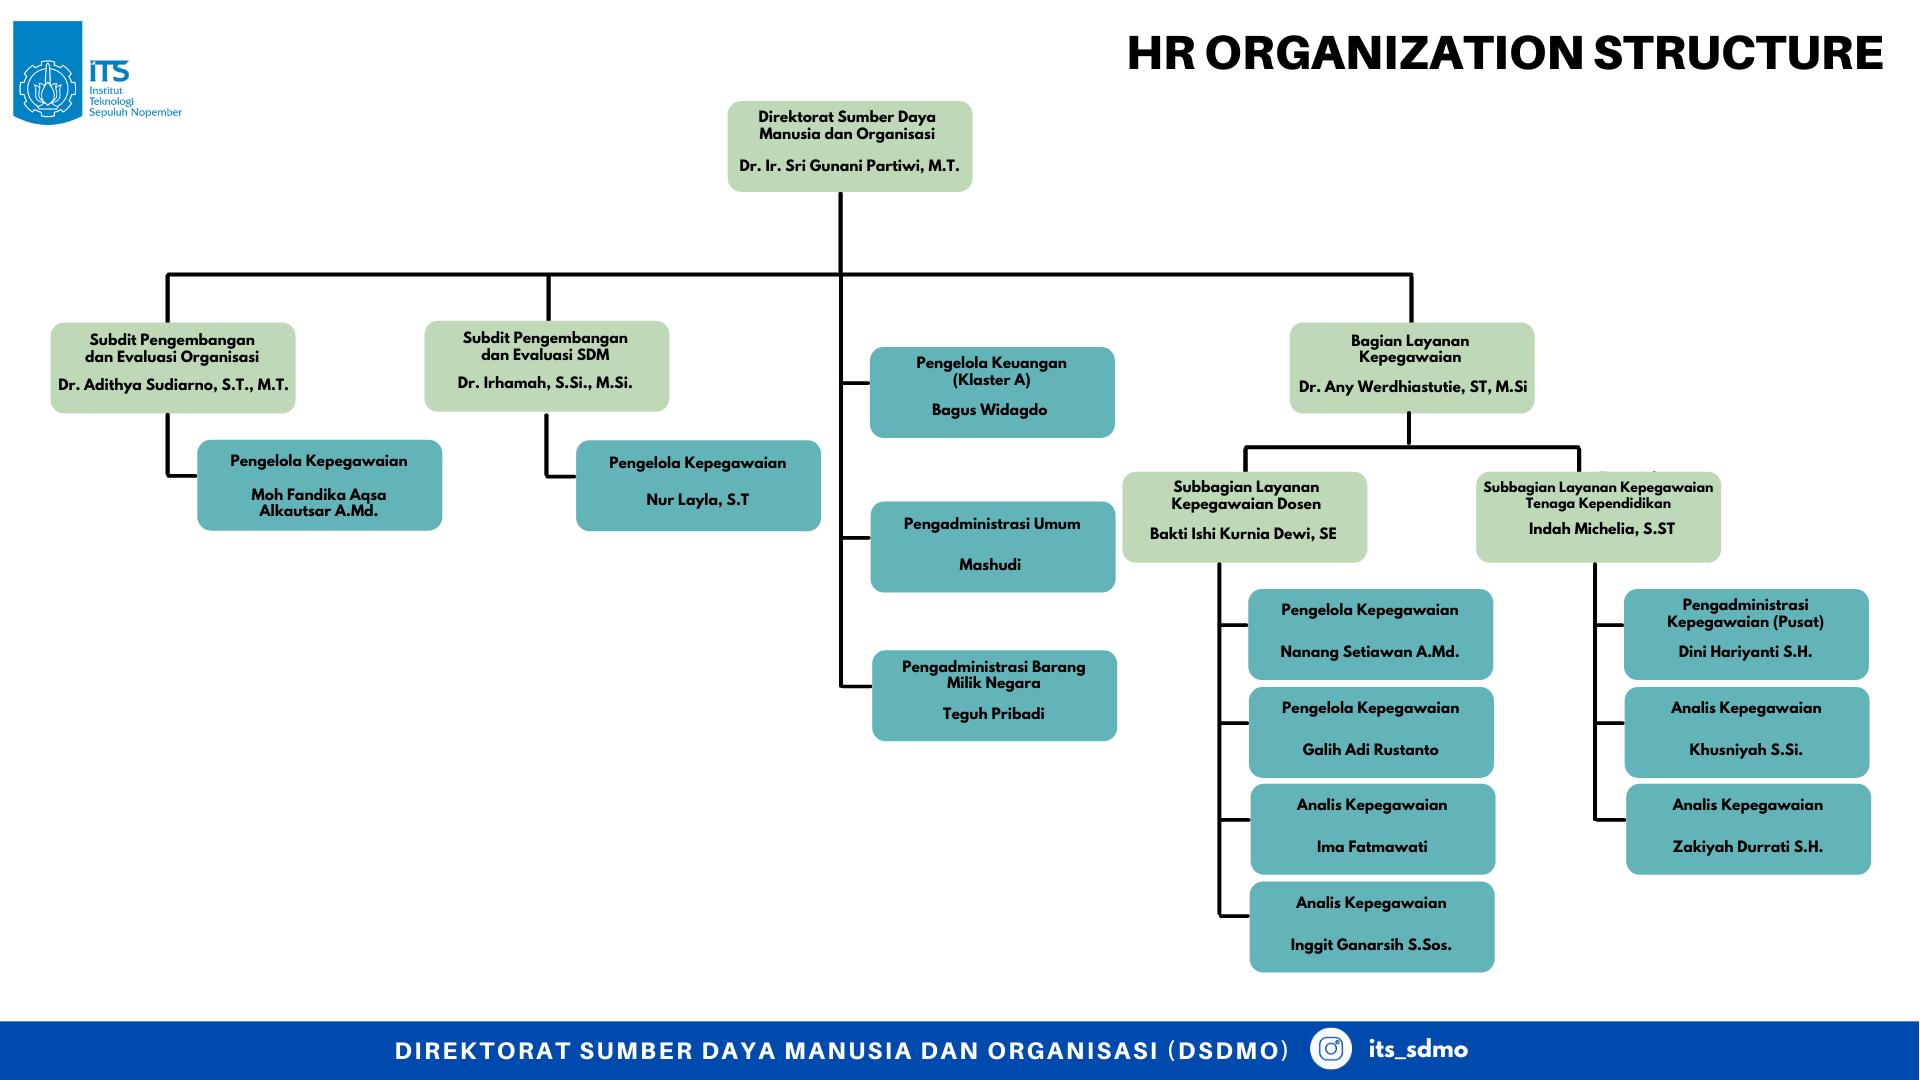 HR Organization Structure